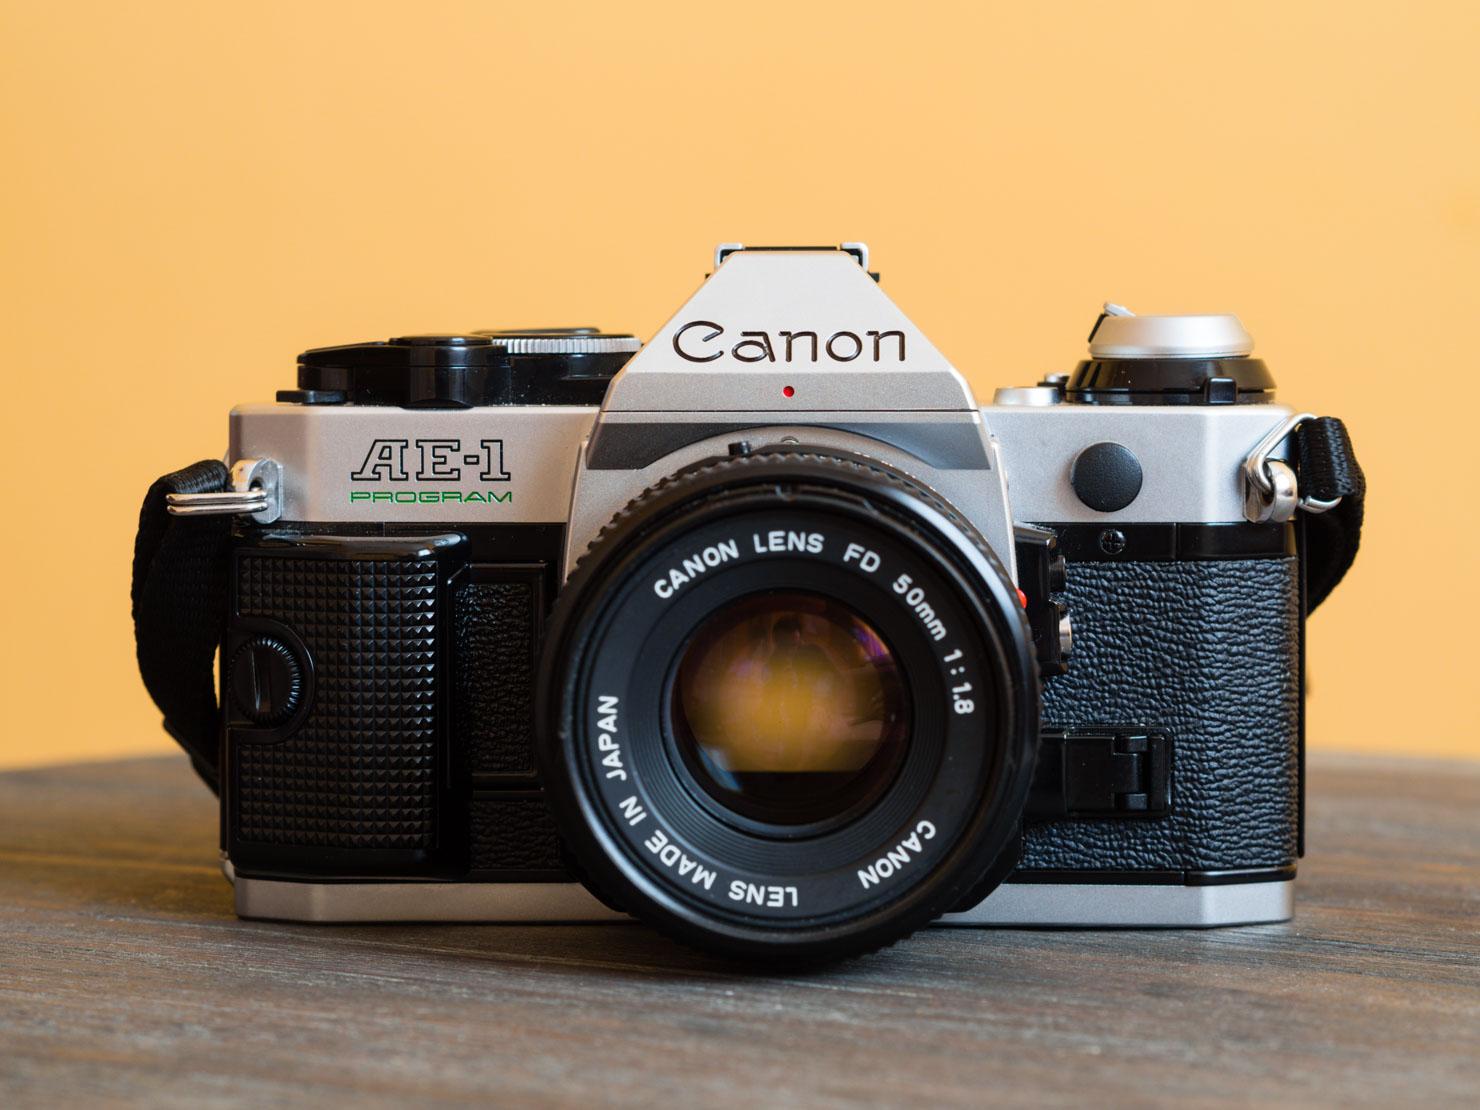 canon ae-1 manual loading film